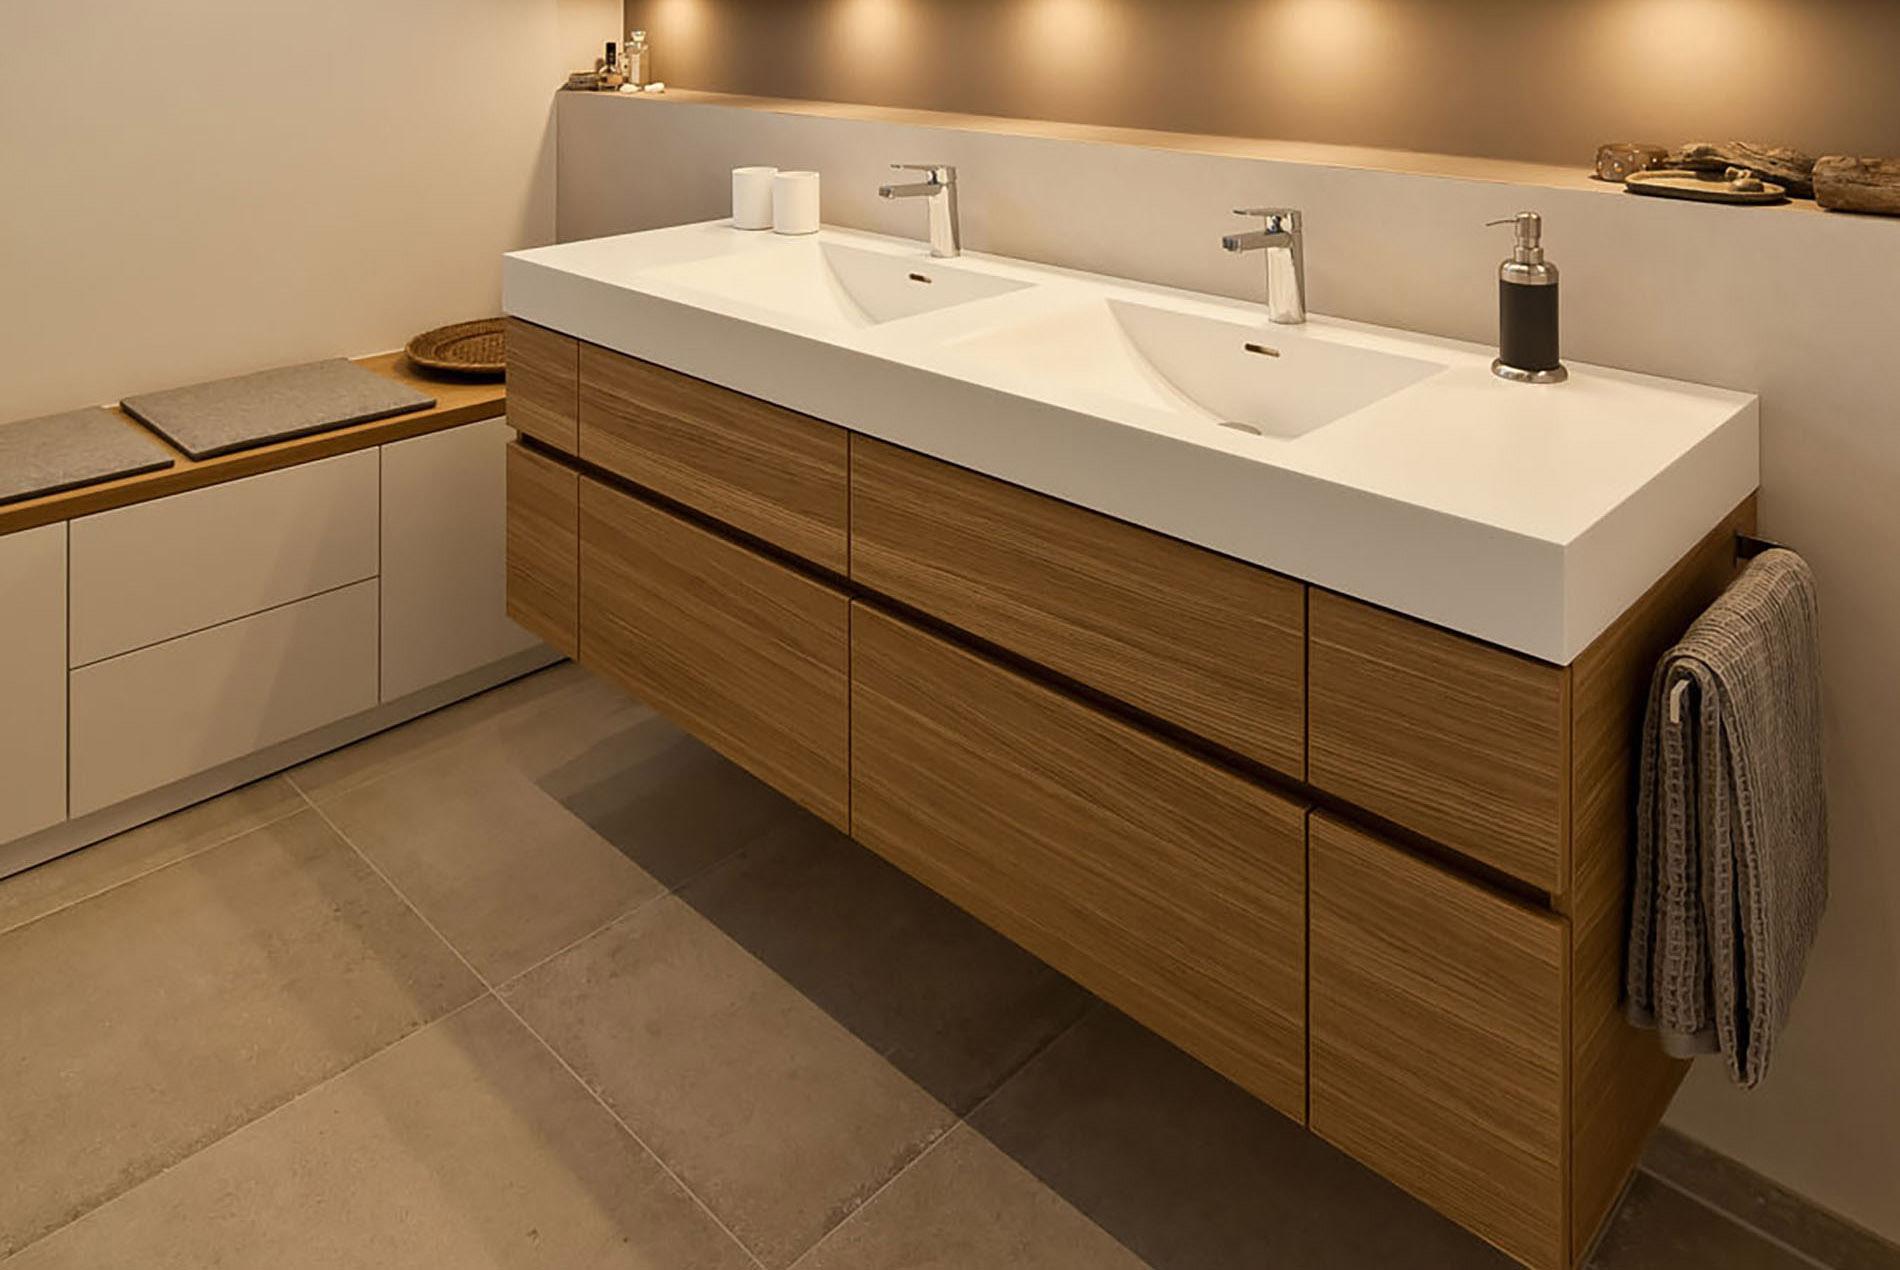 Bad mit praktischem Doppelwaschbecken - Tischlerei Schöpker